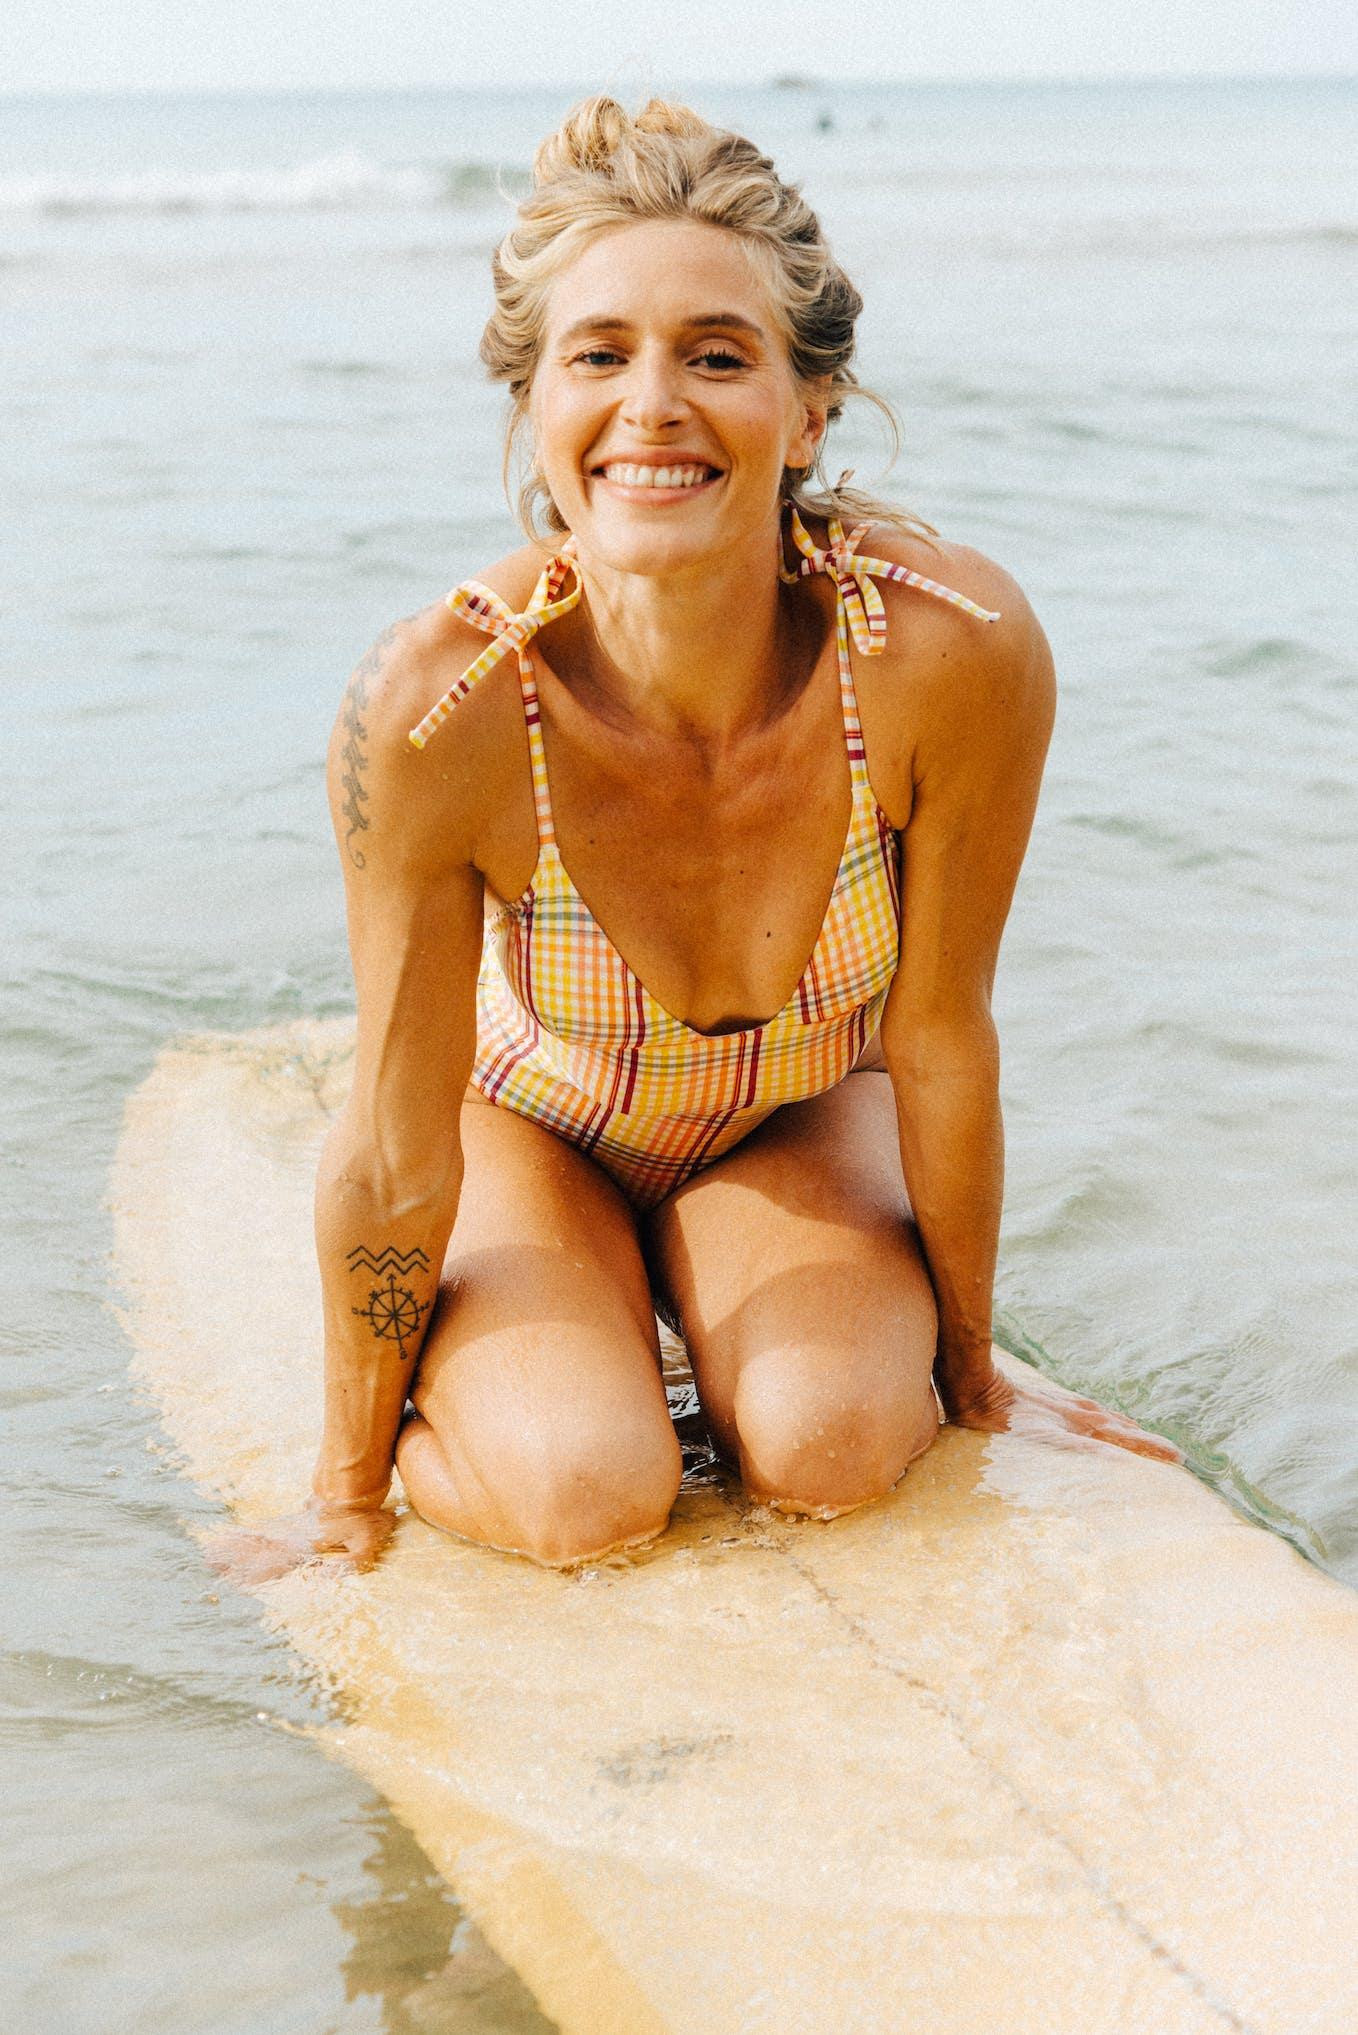 Soleil sur l'eau swimsuit with yellow graphic print